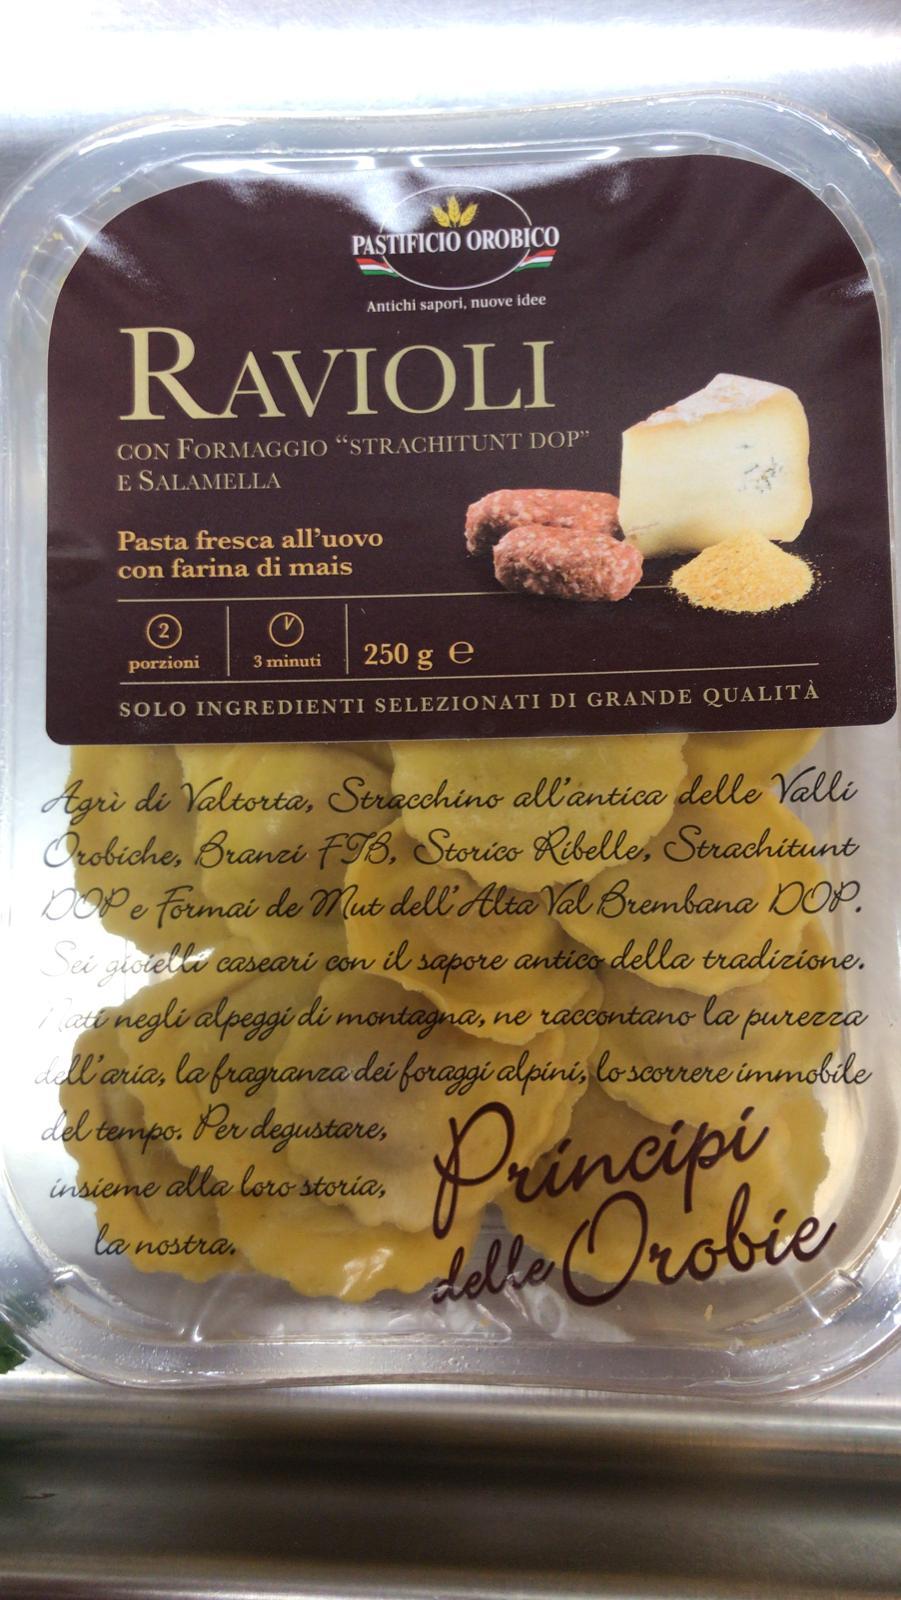 Ravioli-Con-Formaggio-Strachitunt-E-Salamella